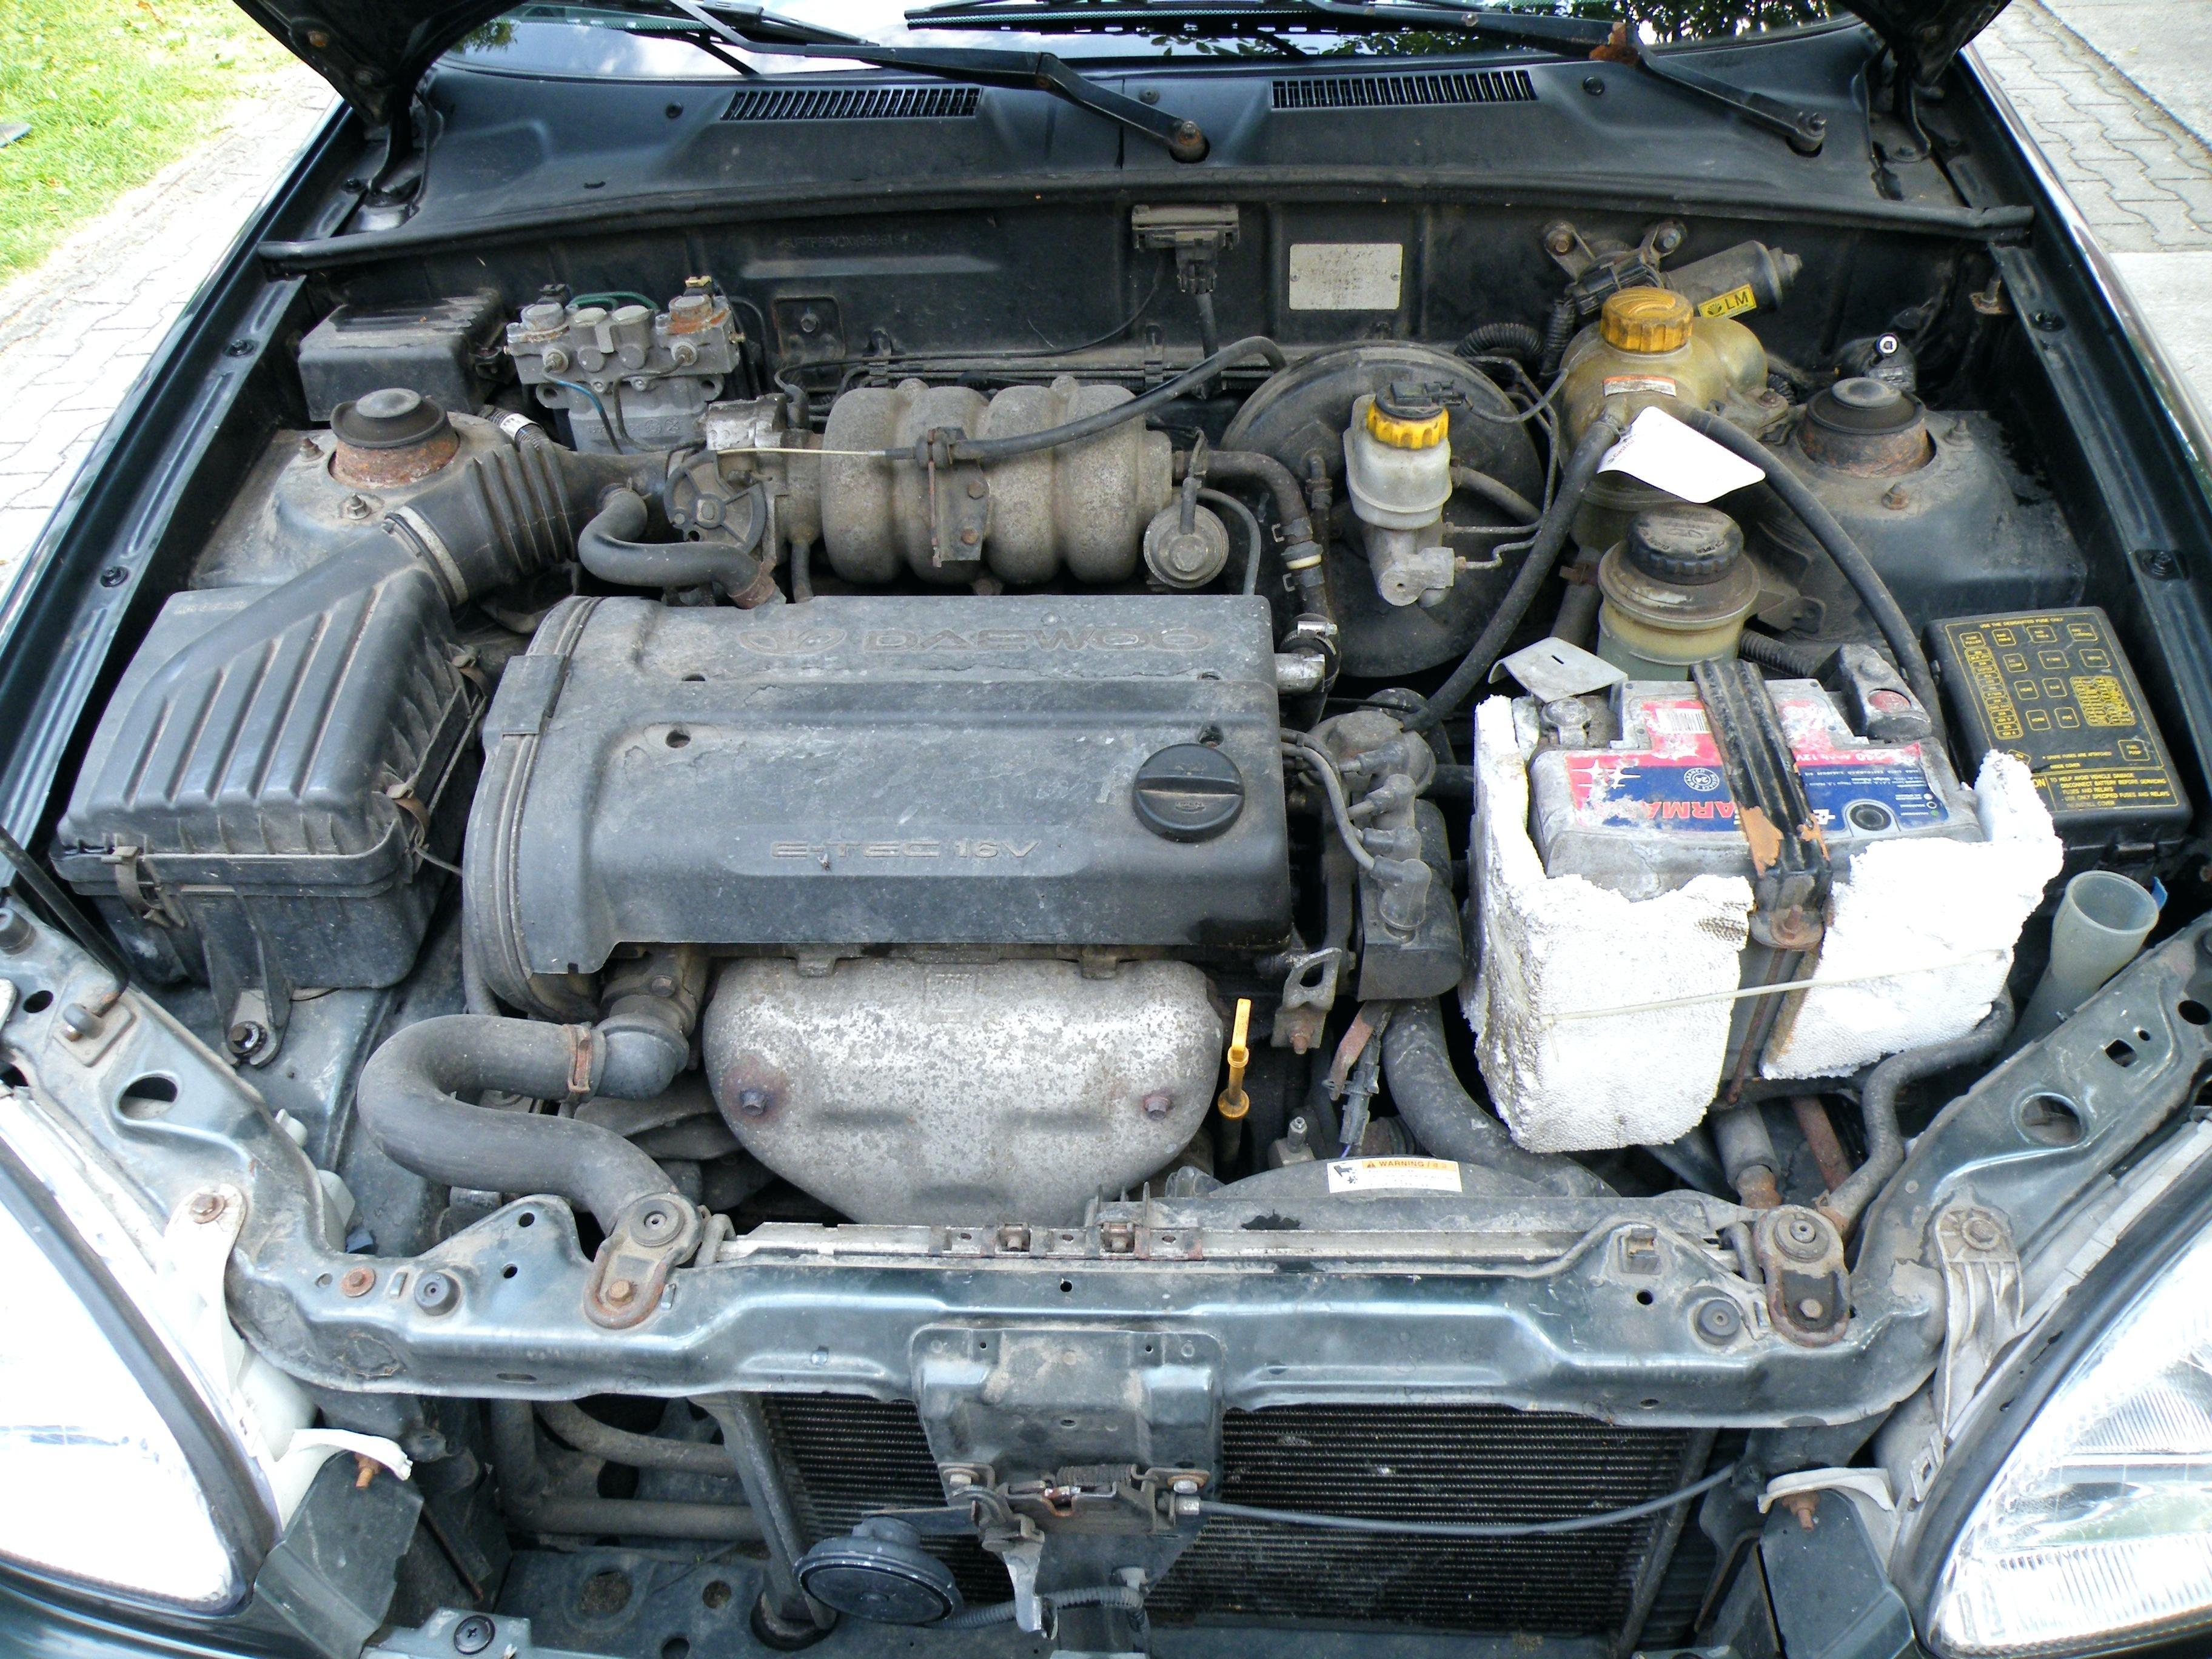 2001 daewoo leganza engine diagram daewoo engine diagrams espero rh detoxicrecenze com Daewoo Racer GTI Daewoo Espero Interior